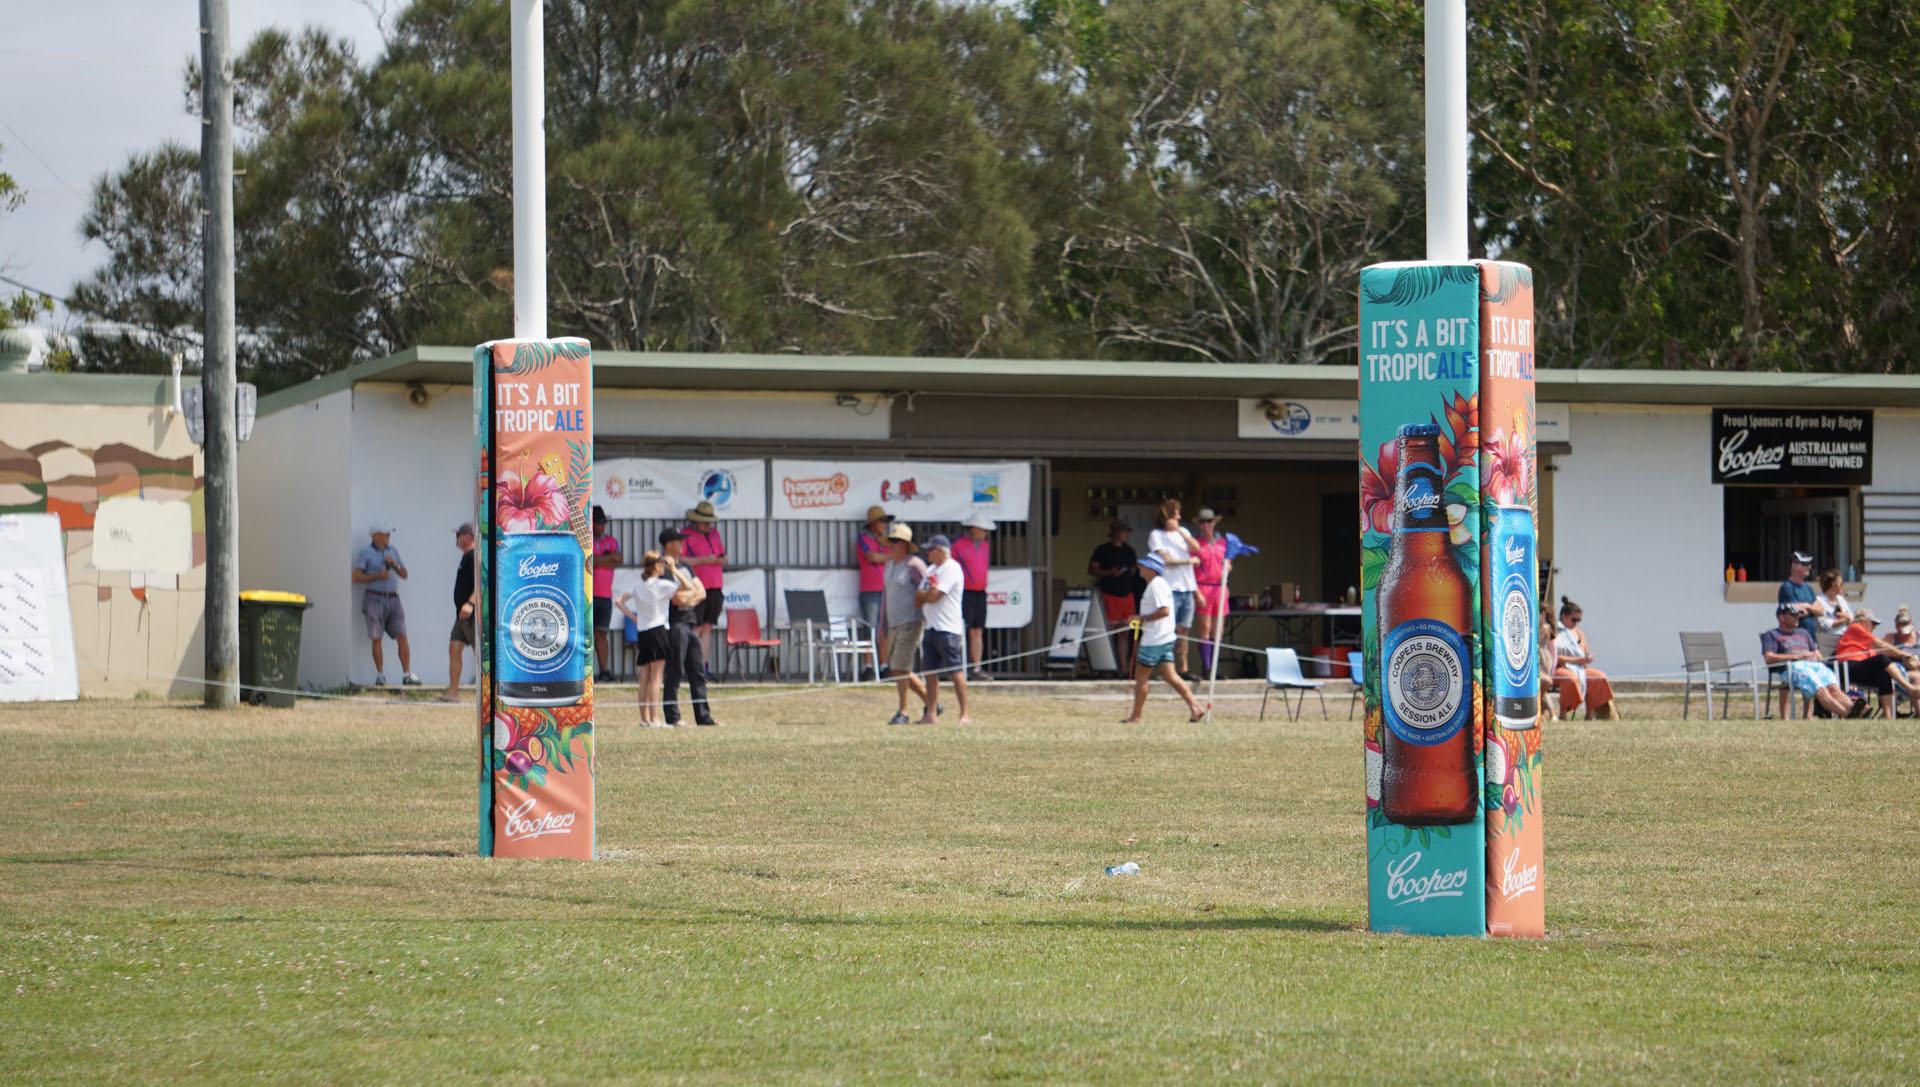 191019-20_Byron Bay Rugby 7s 2019_136